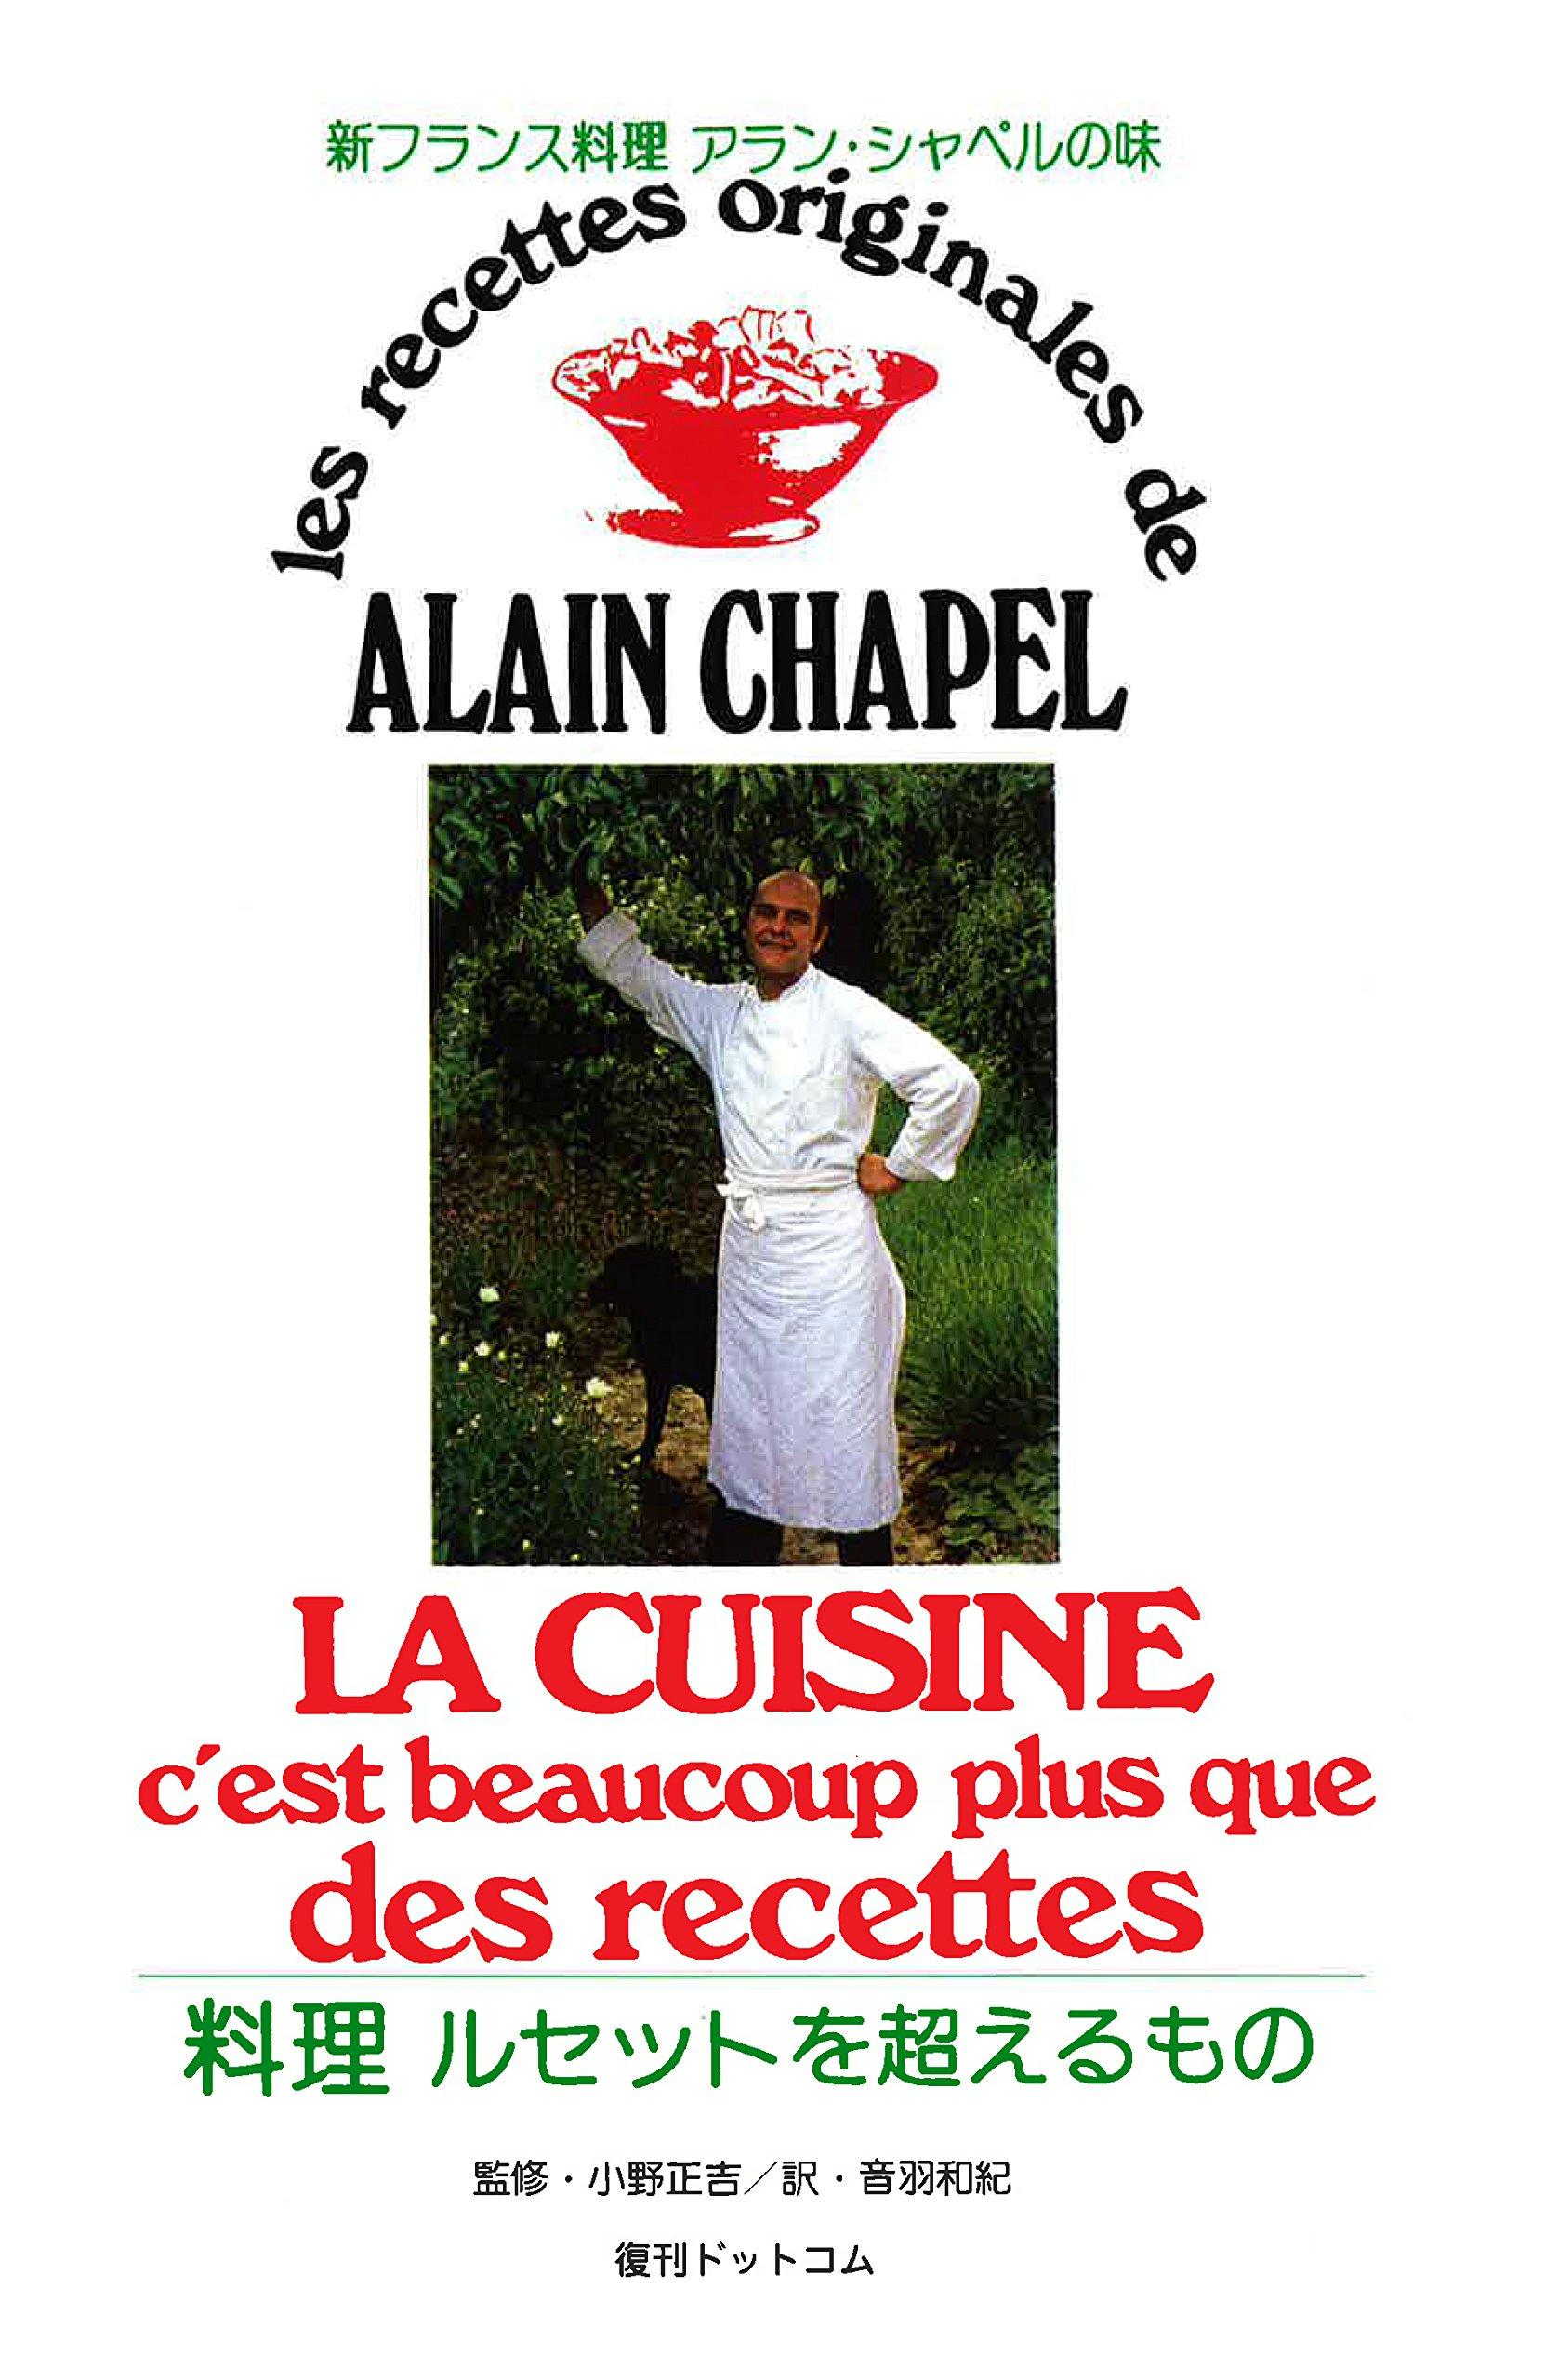 アラン・シャペル(Alain Chapel)